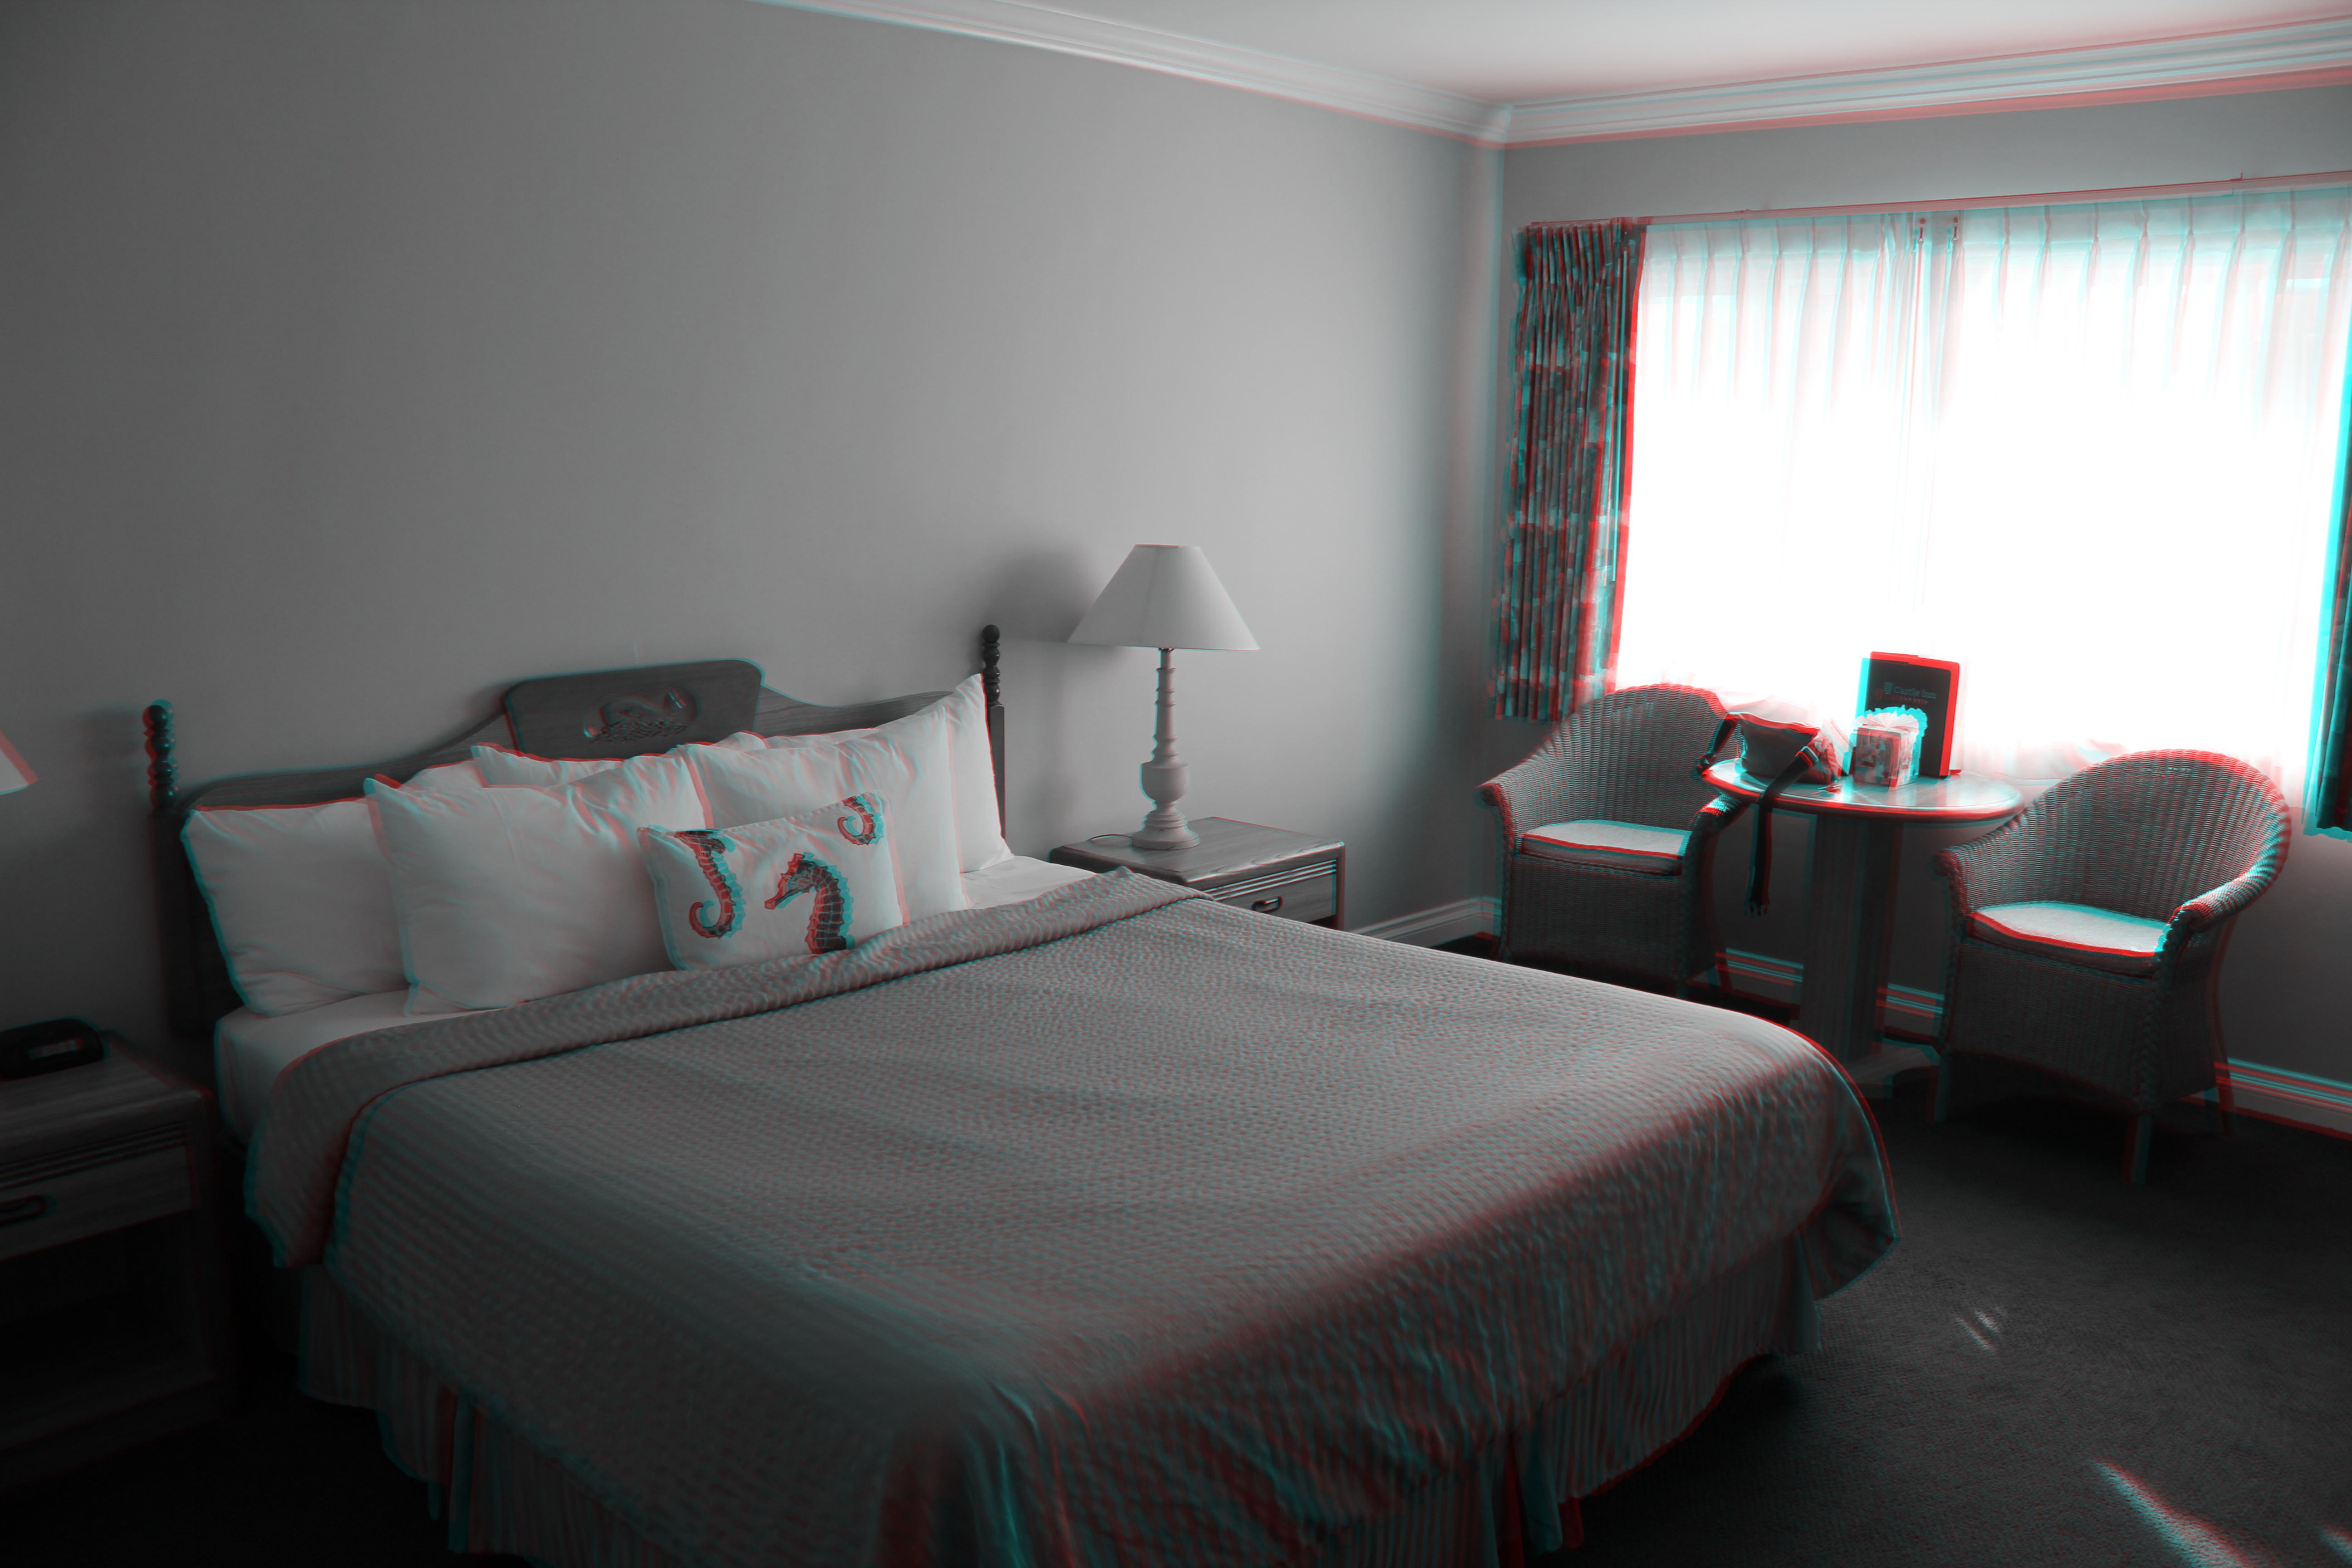 Gratis Afbeeldingen : motel, rood, huisje, eigendom, woonkamer ...